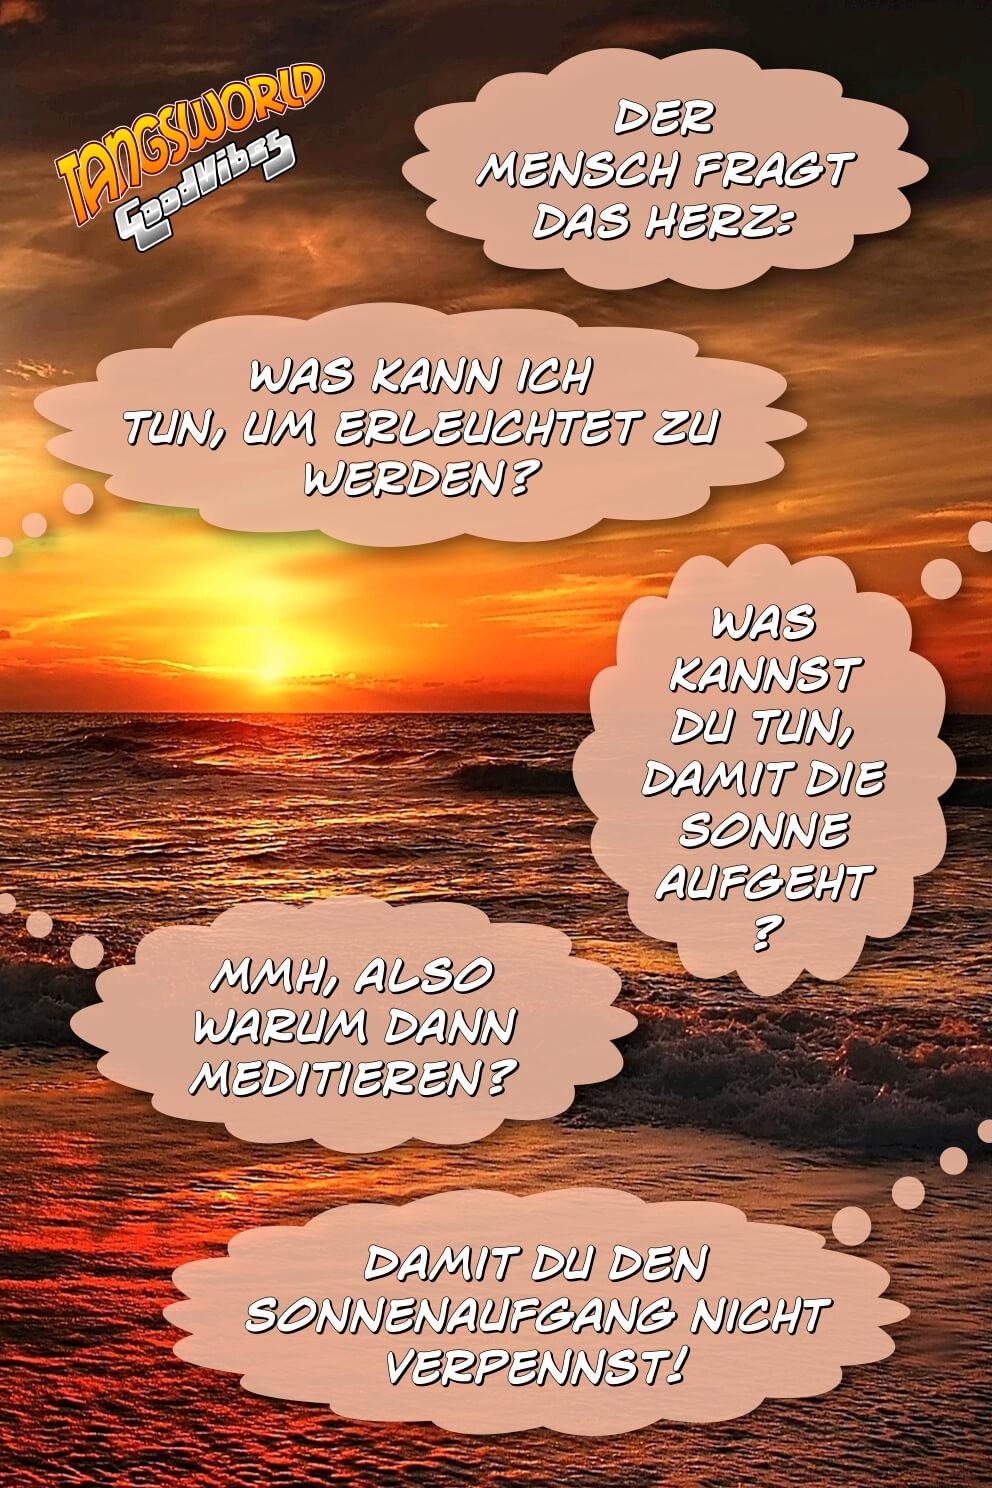 Der Mensch fragt das Herz: »Was kann ich tun, um erleuchtet zu werden?« - »Was kannst du tun, damit die Sonne aufgeht?« - Mmh, also warum dann Meditieren?« - »Damit du den Sonnenaufgang nicht verpennst!« - GoodVibes